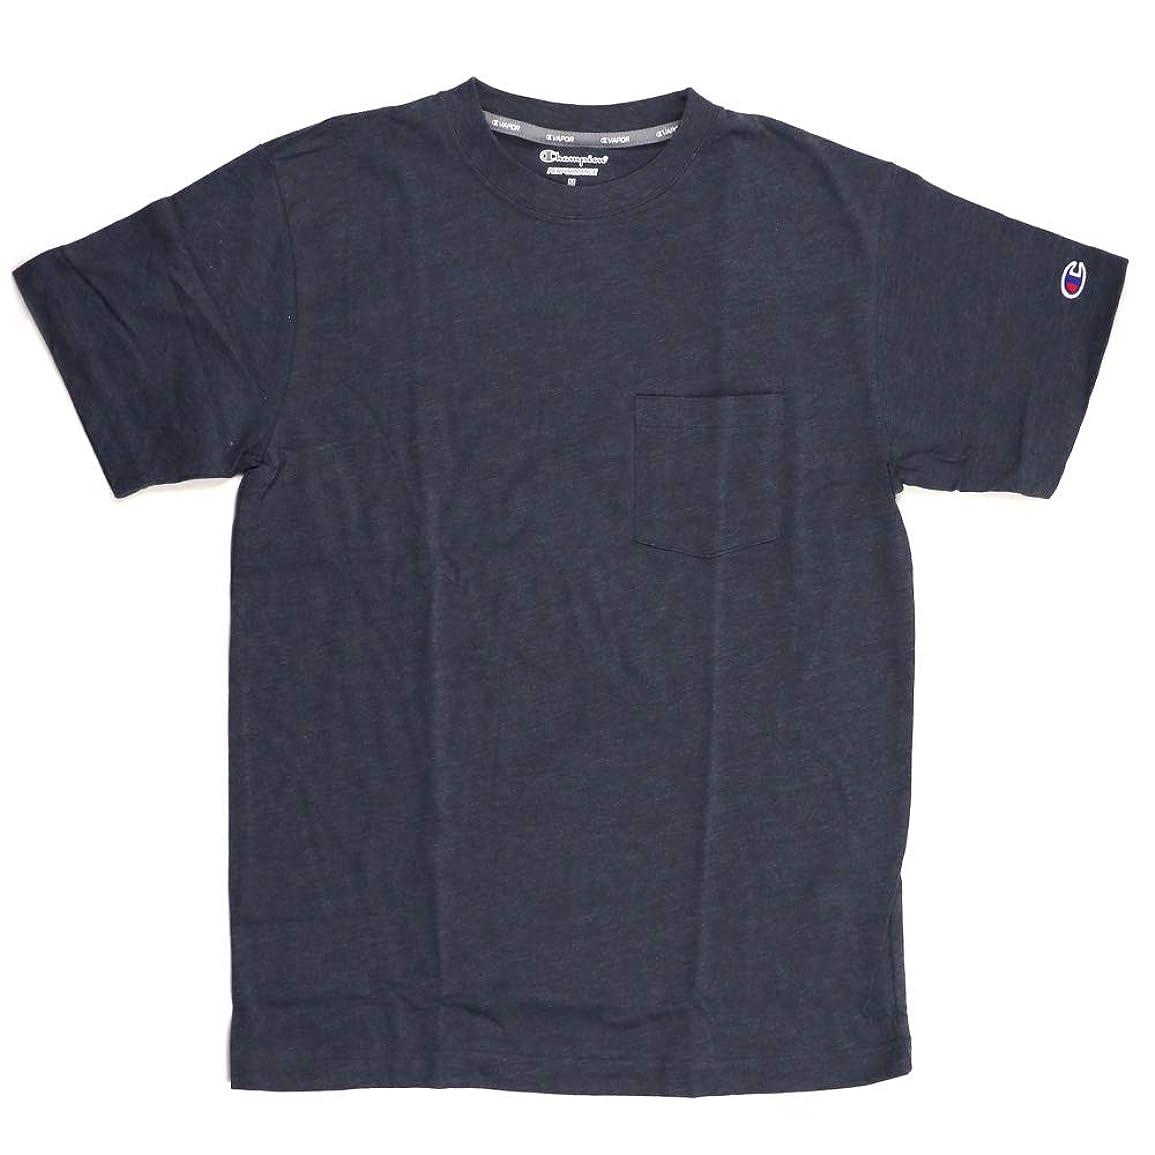 曲がった有用尾(チャンピオン) Champion トレーニングシリーズ VAPOR 速乾?べた付き軽減?軽量 Tシャツ ポケットTシャツ メンズ レディース C3-PS323